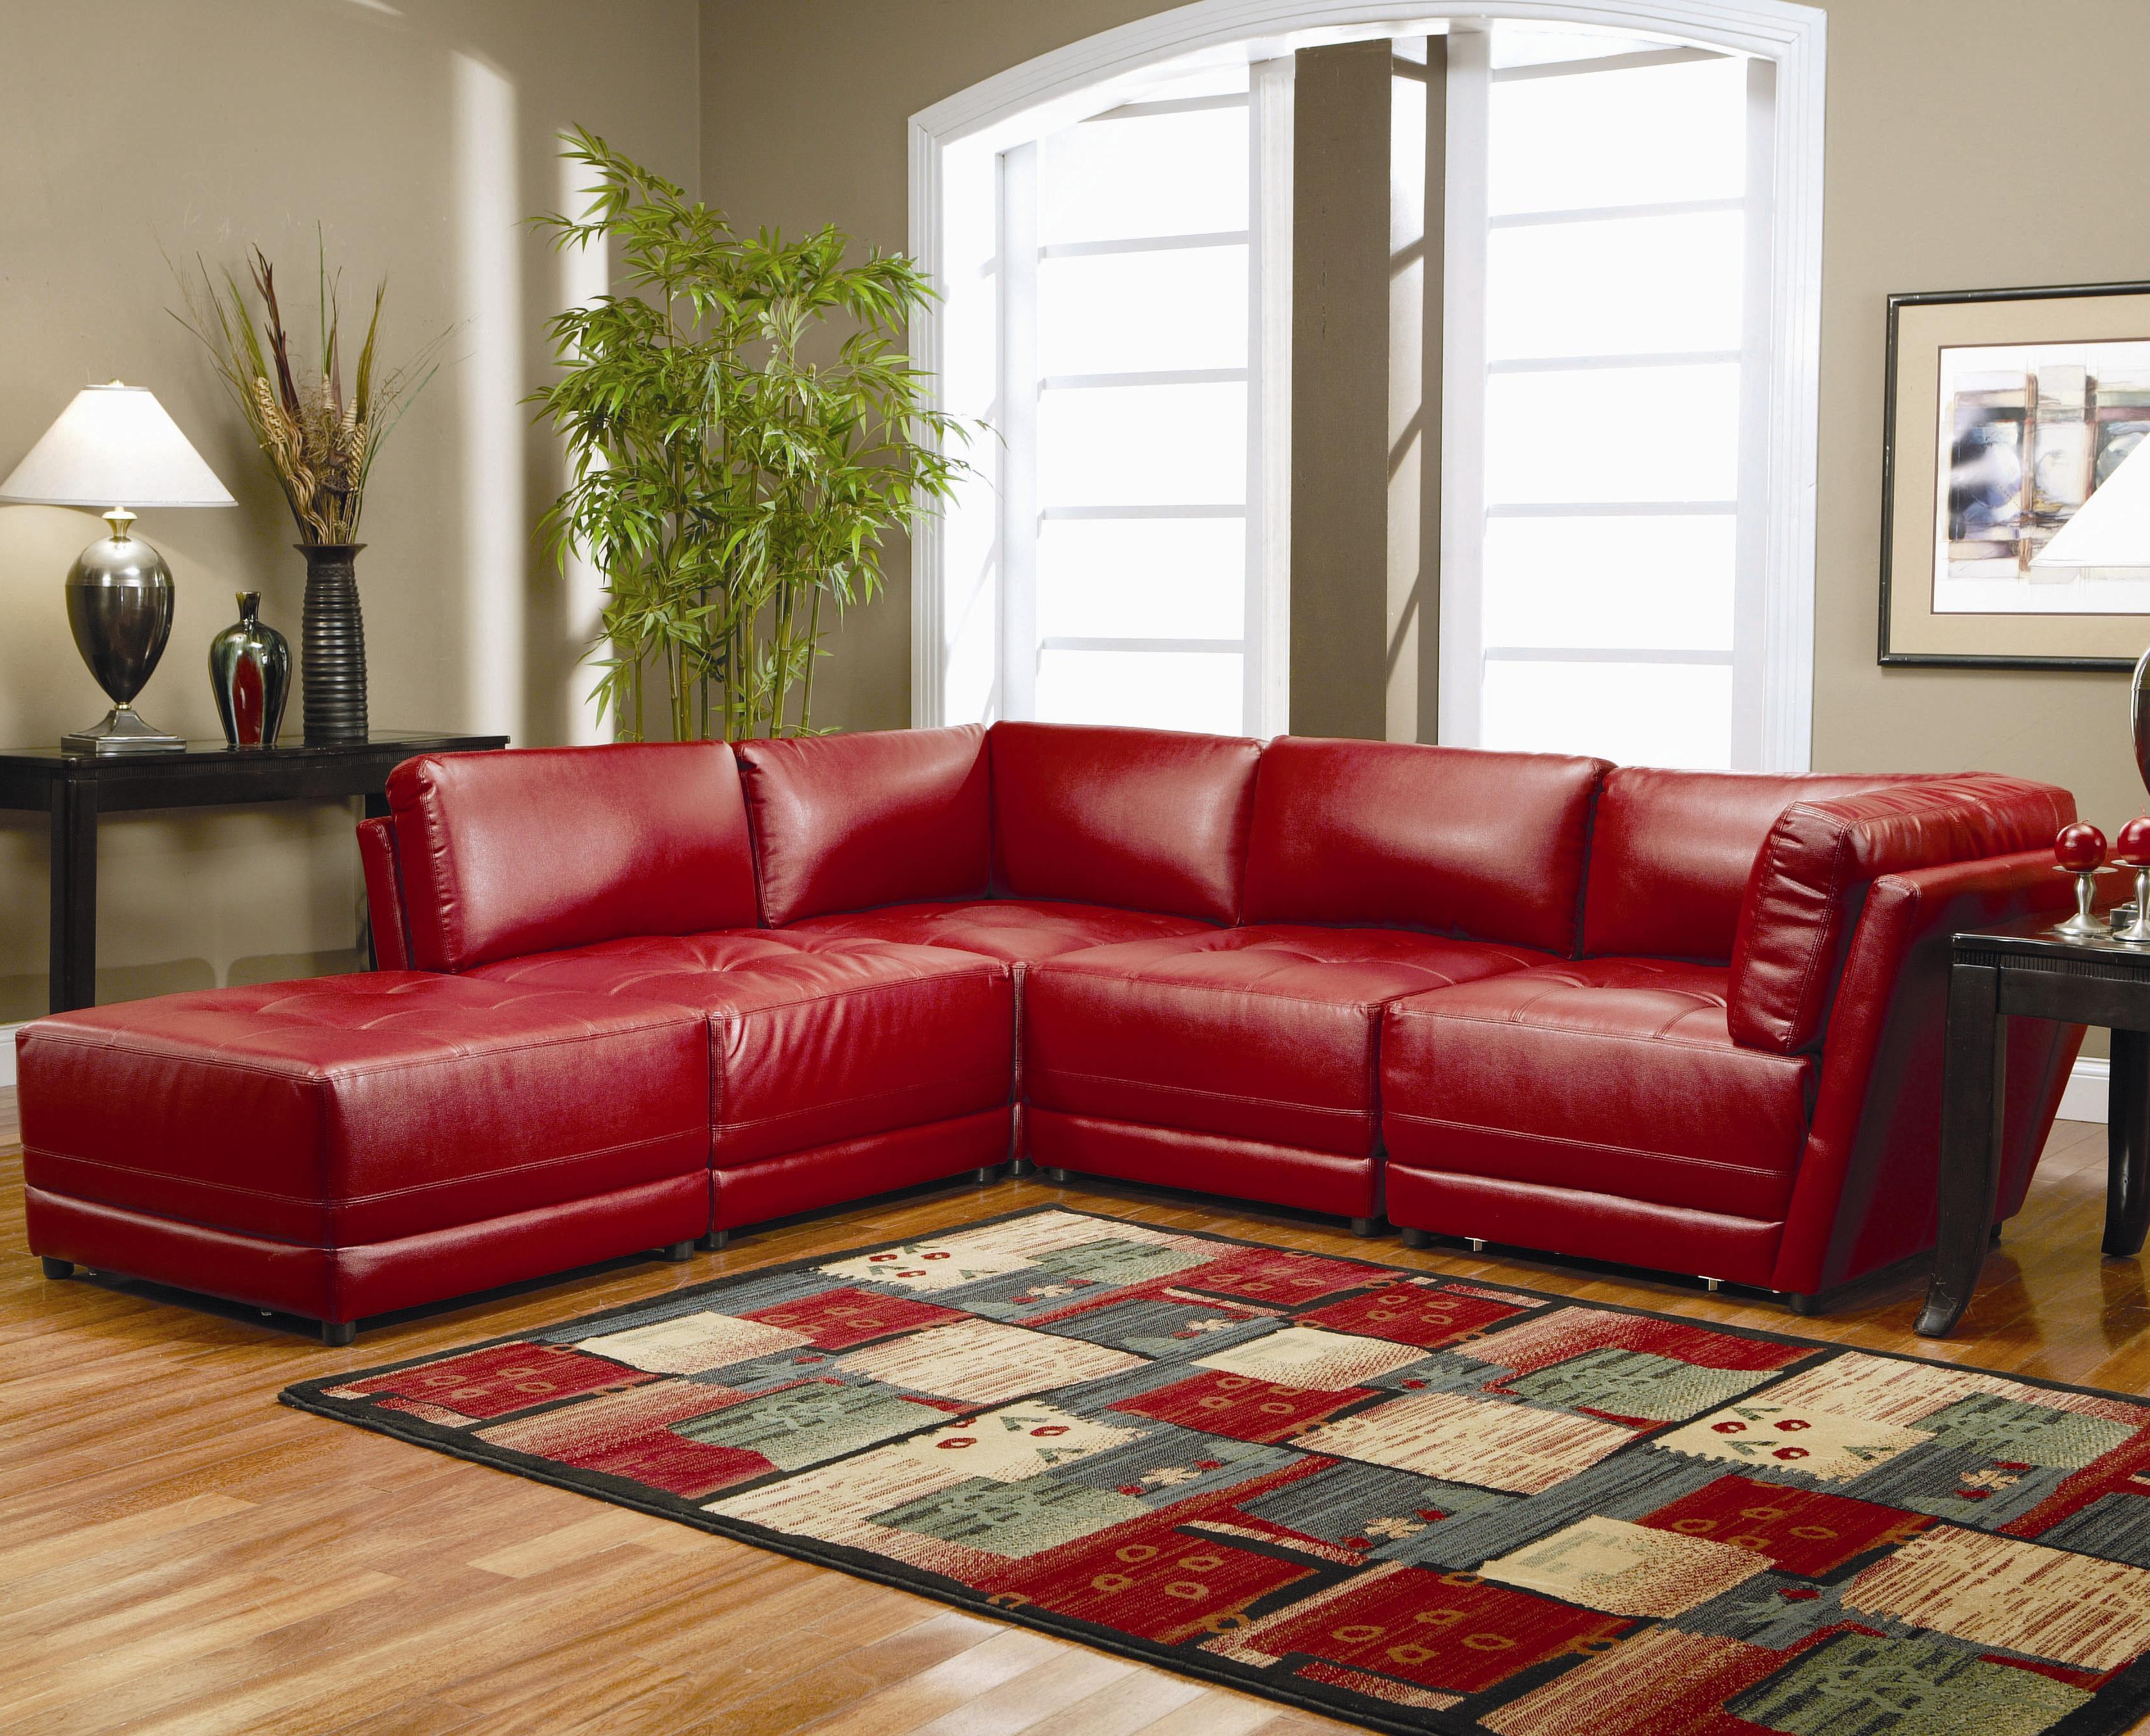 Угловой кожаный диван красного цвета